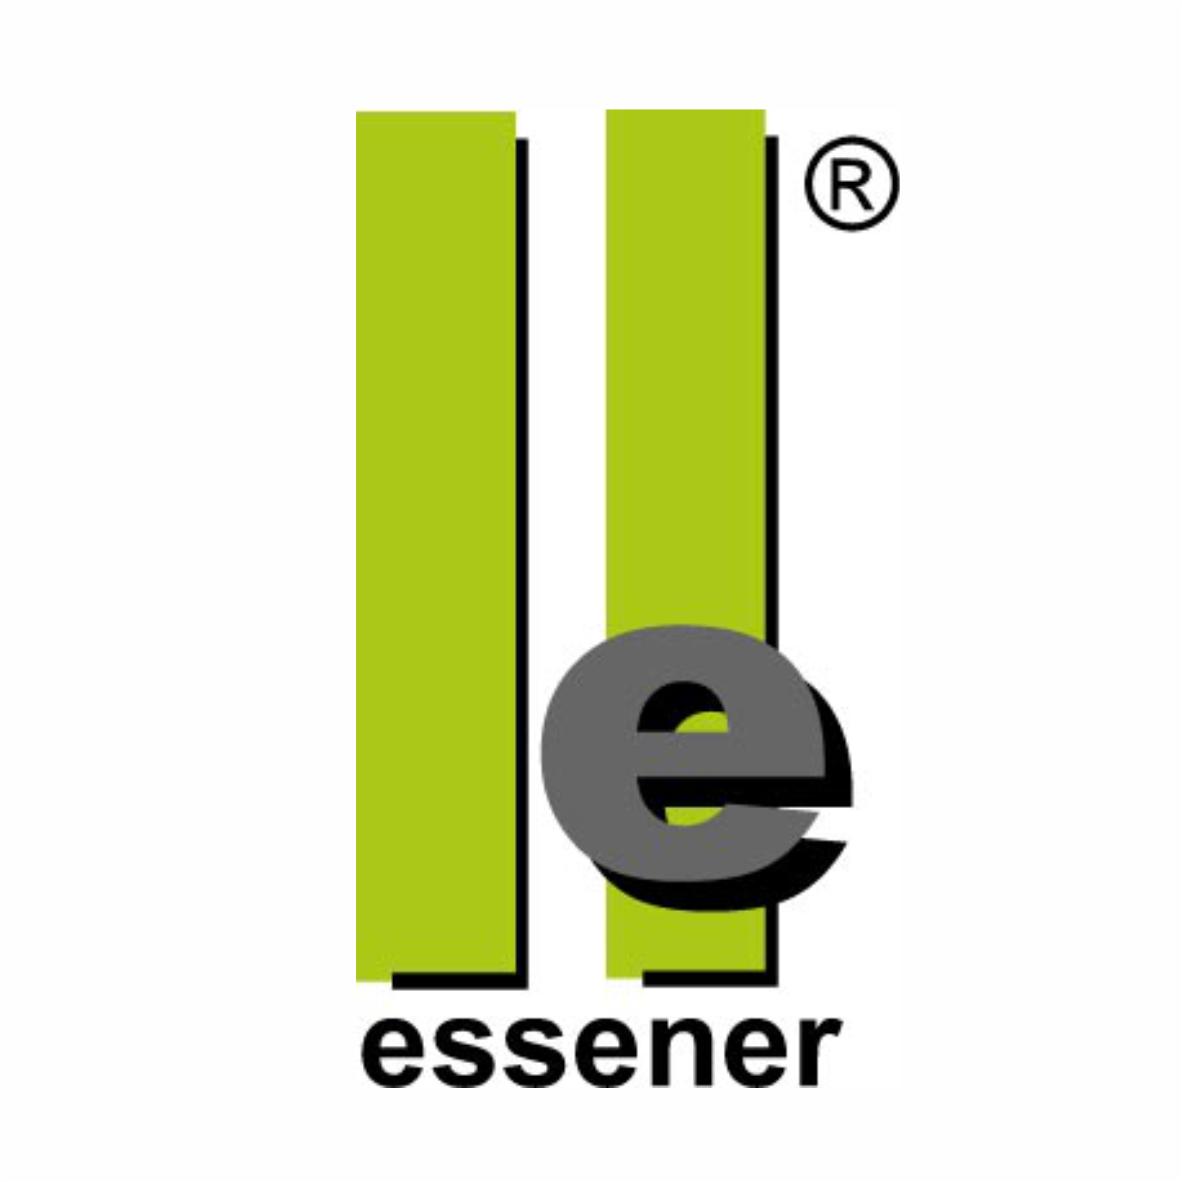 essener Logo